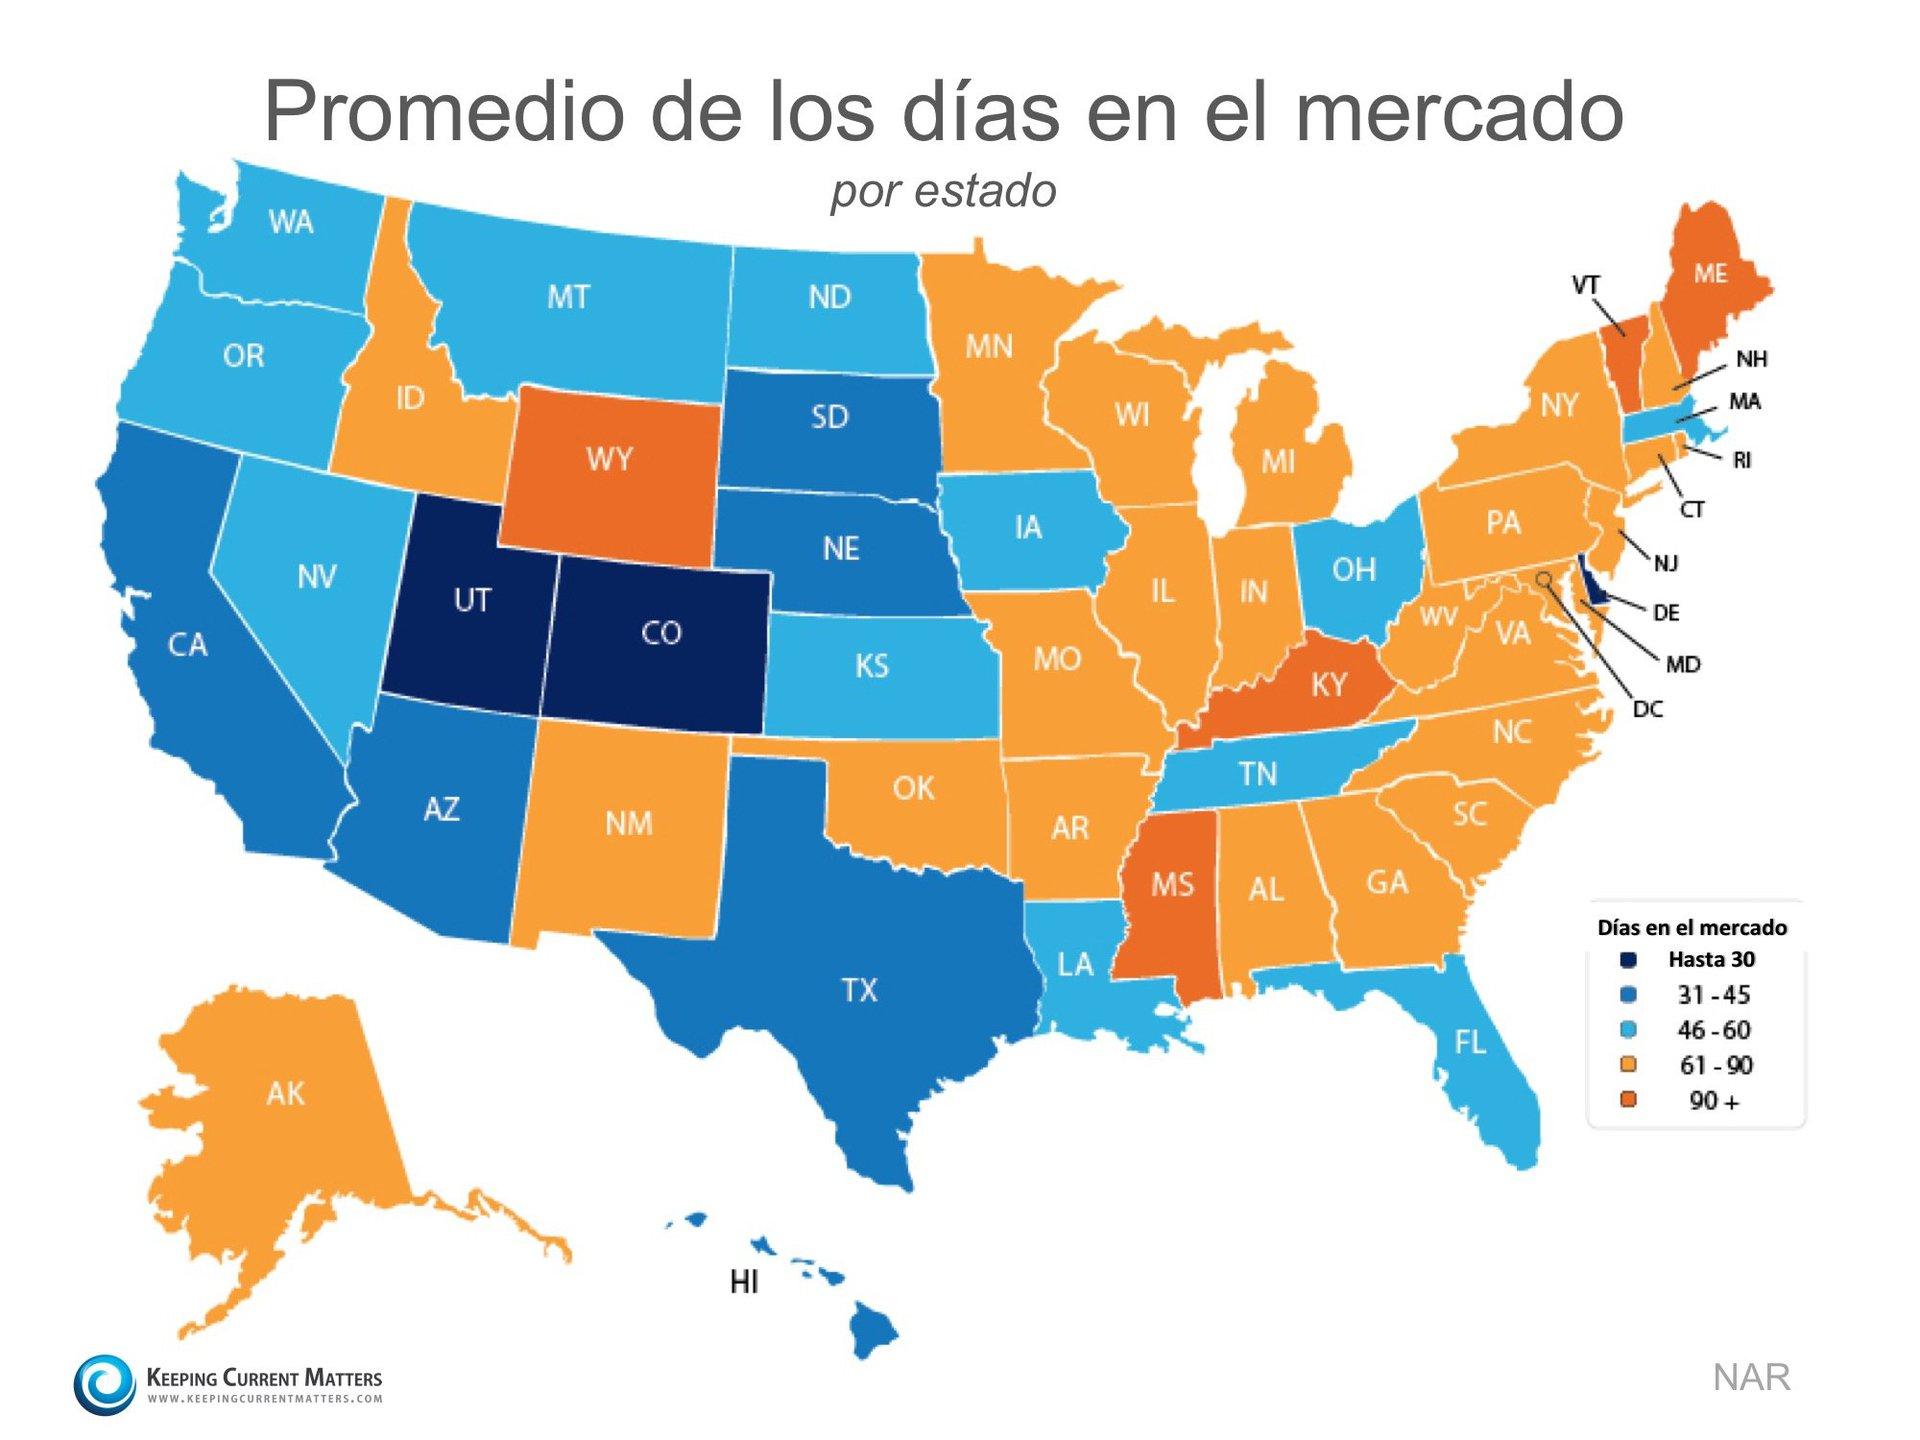 Las casas se están vendiendo rápidamente en todo el país  Keeping Current Matters